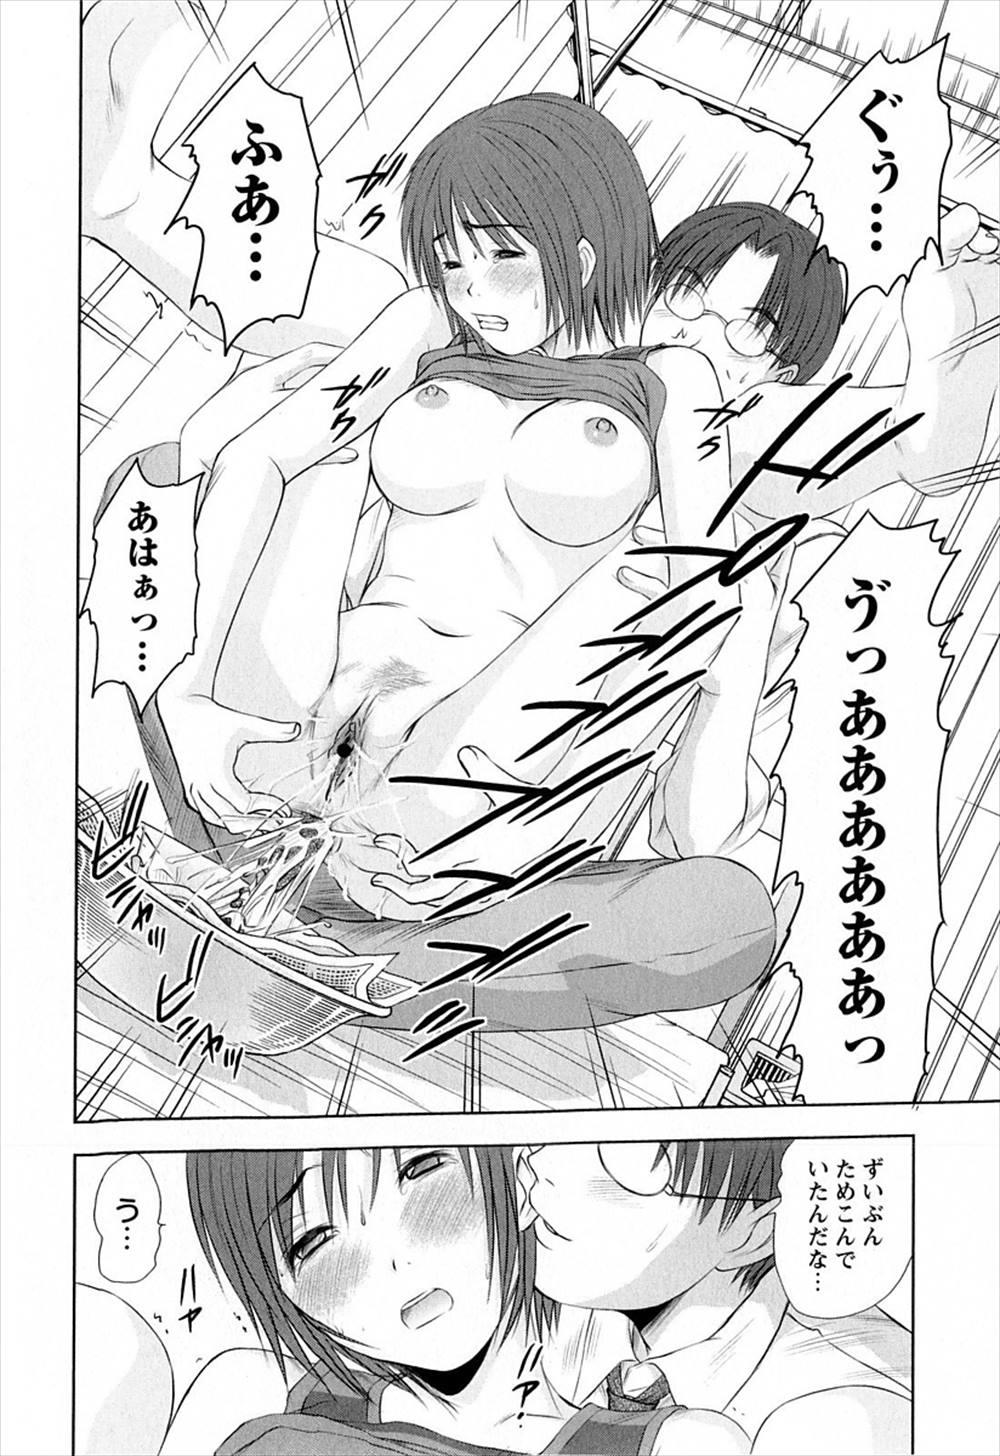 【エロ漫画】保健室で浣腸スカトロプレイしている変態兄妹の近親相姦アナルファックwww